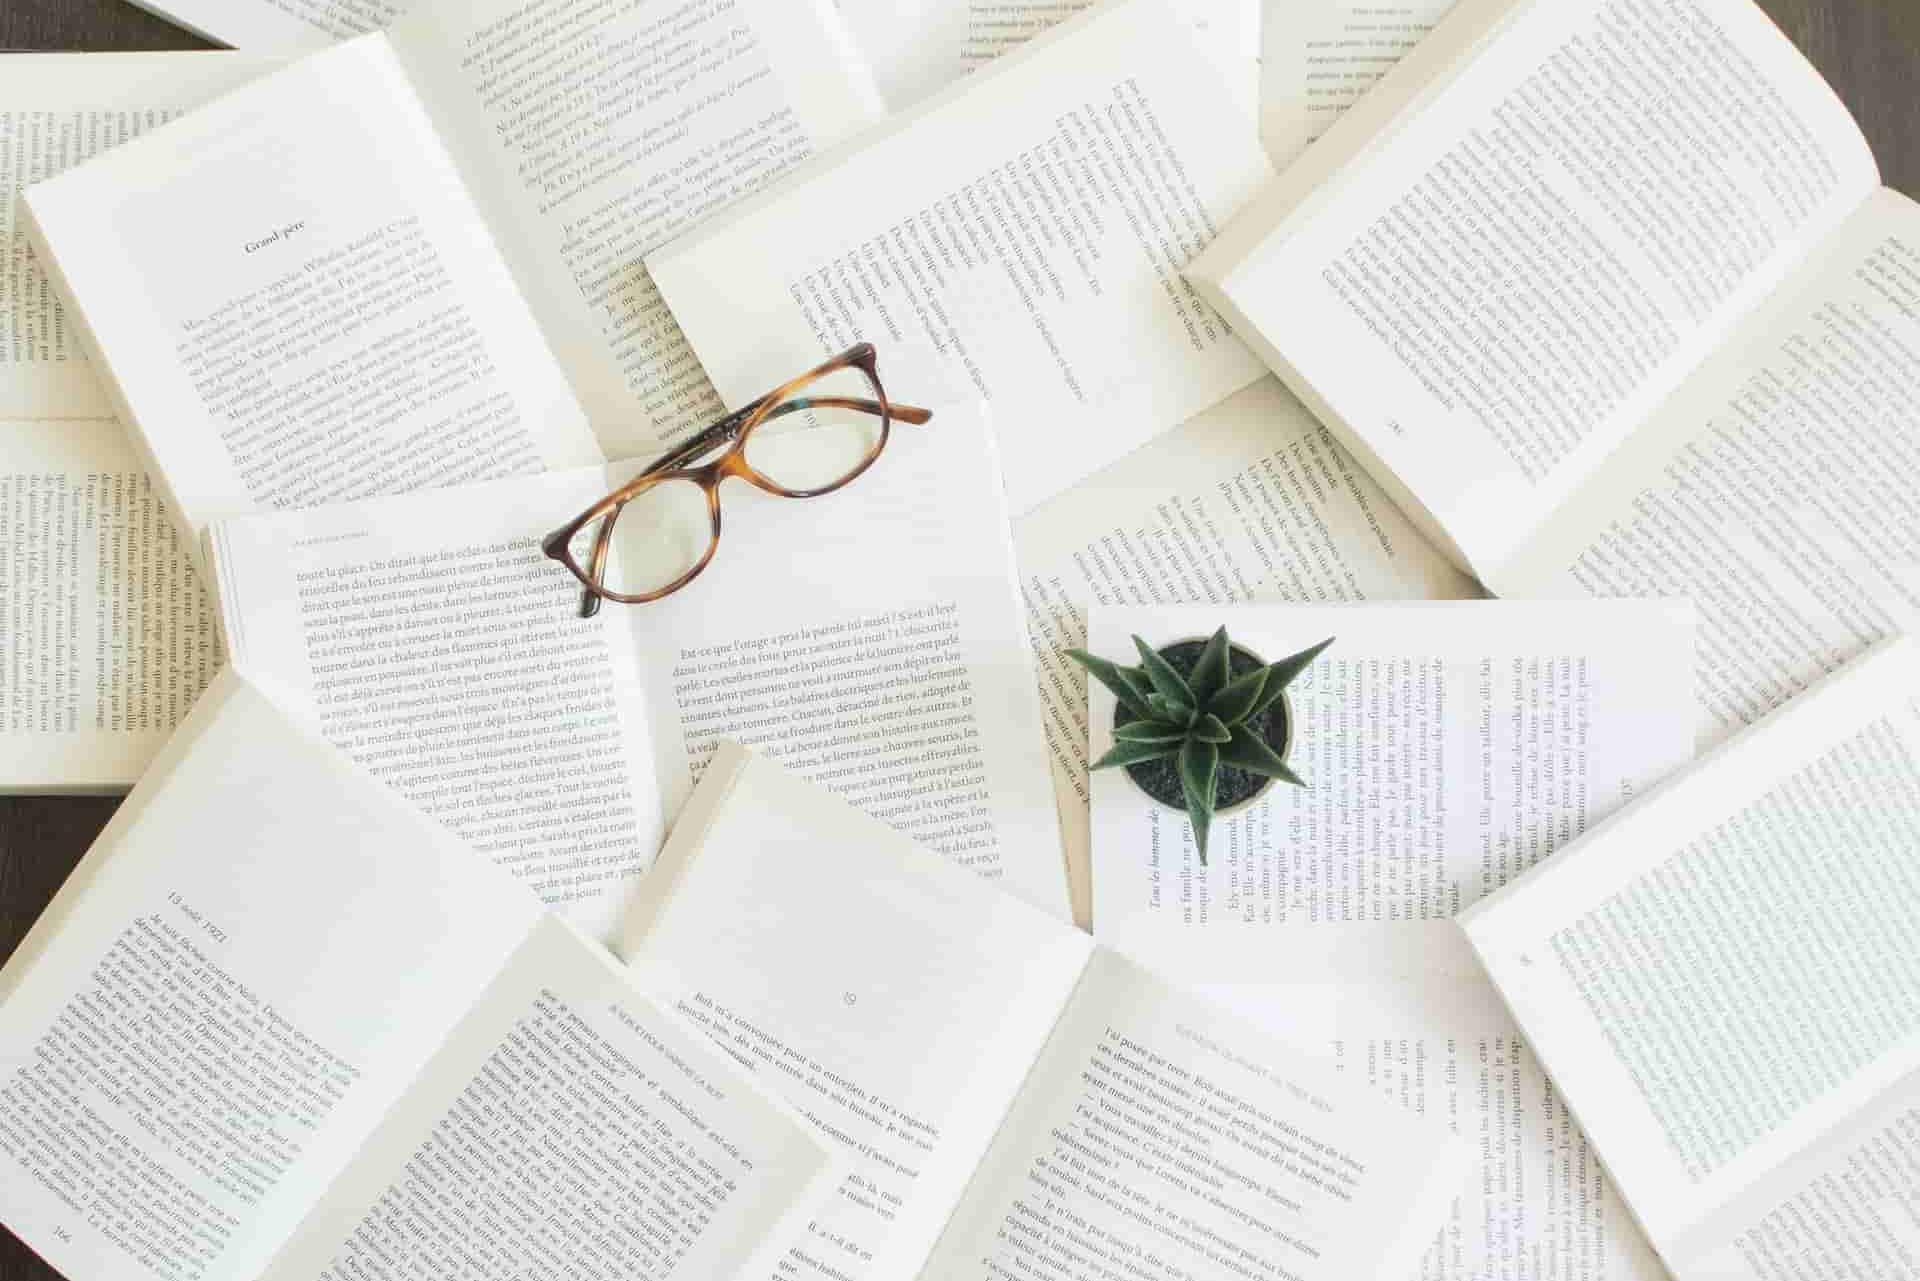 シナリオライターの仕事内容とは?適性や勉強方法などを紹介!